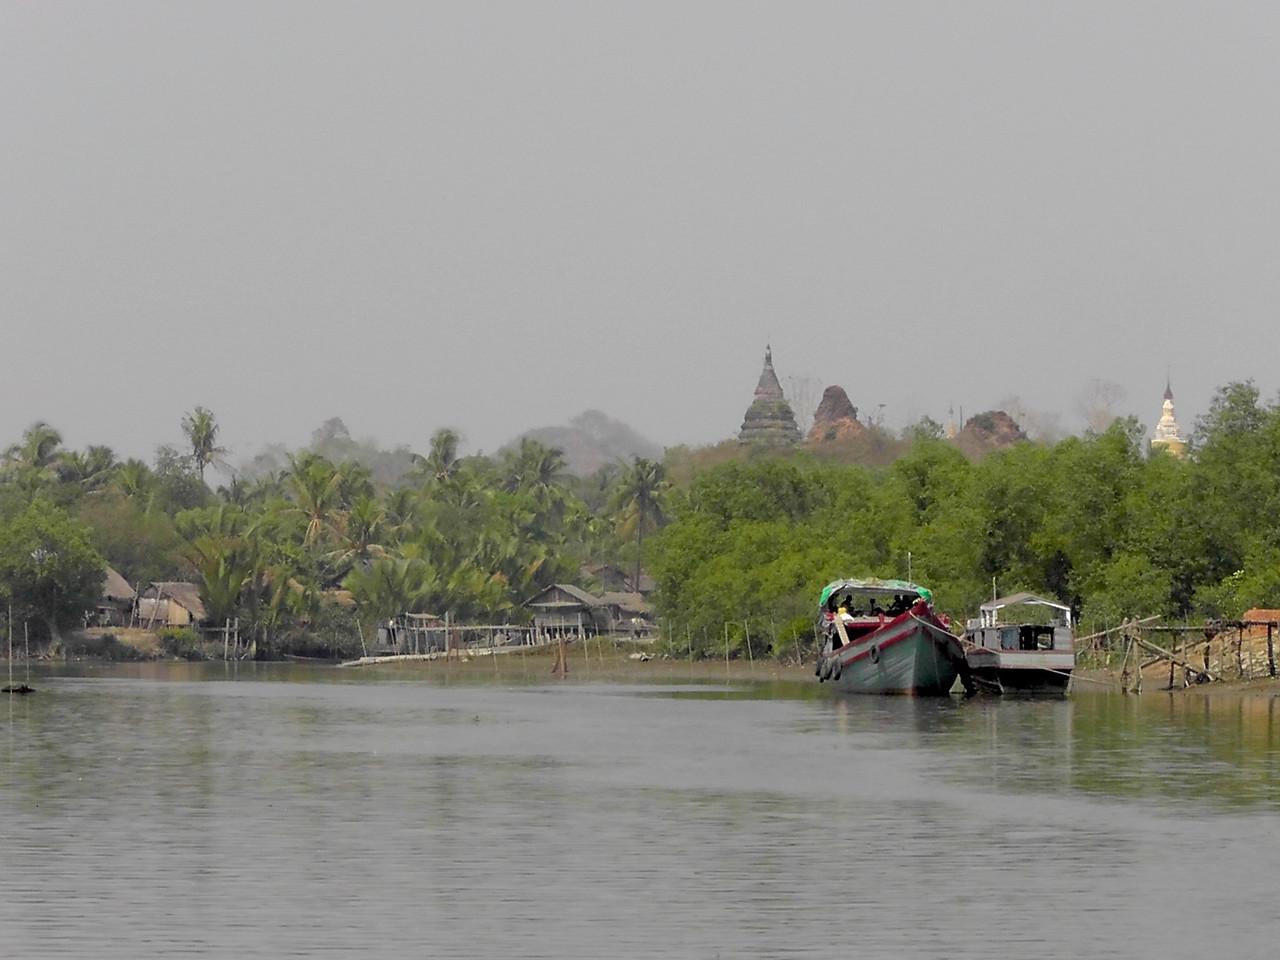 Burma-Arakan-Lemro River 240